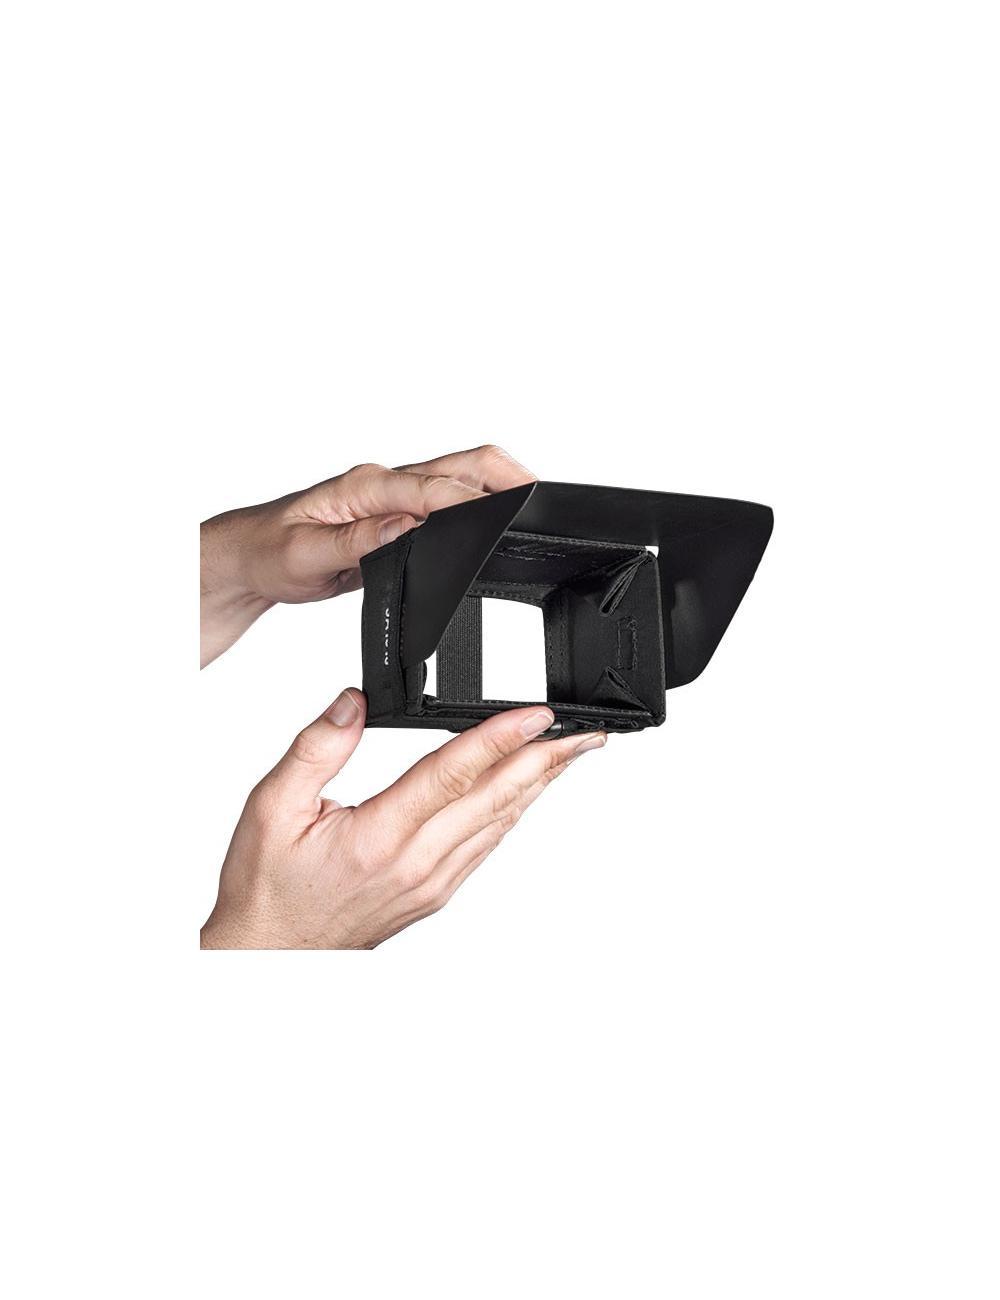 SACHTLER - SA1016 - Mini visera Canon EOS C300